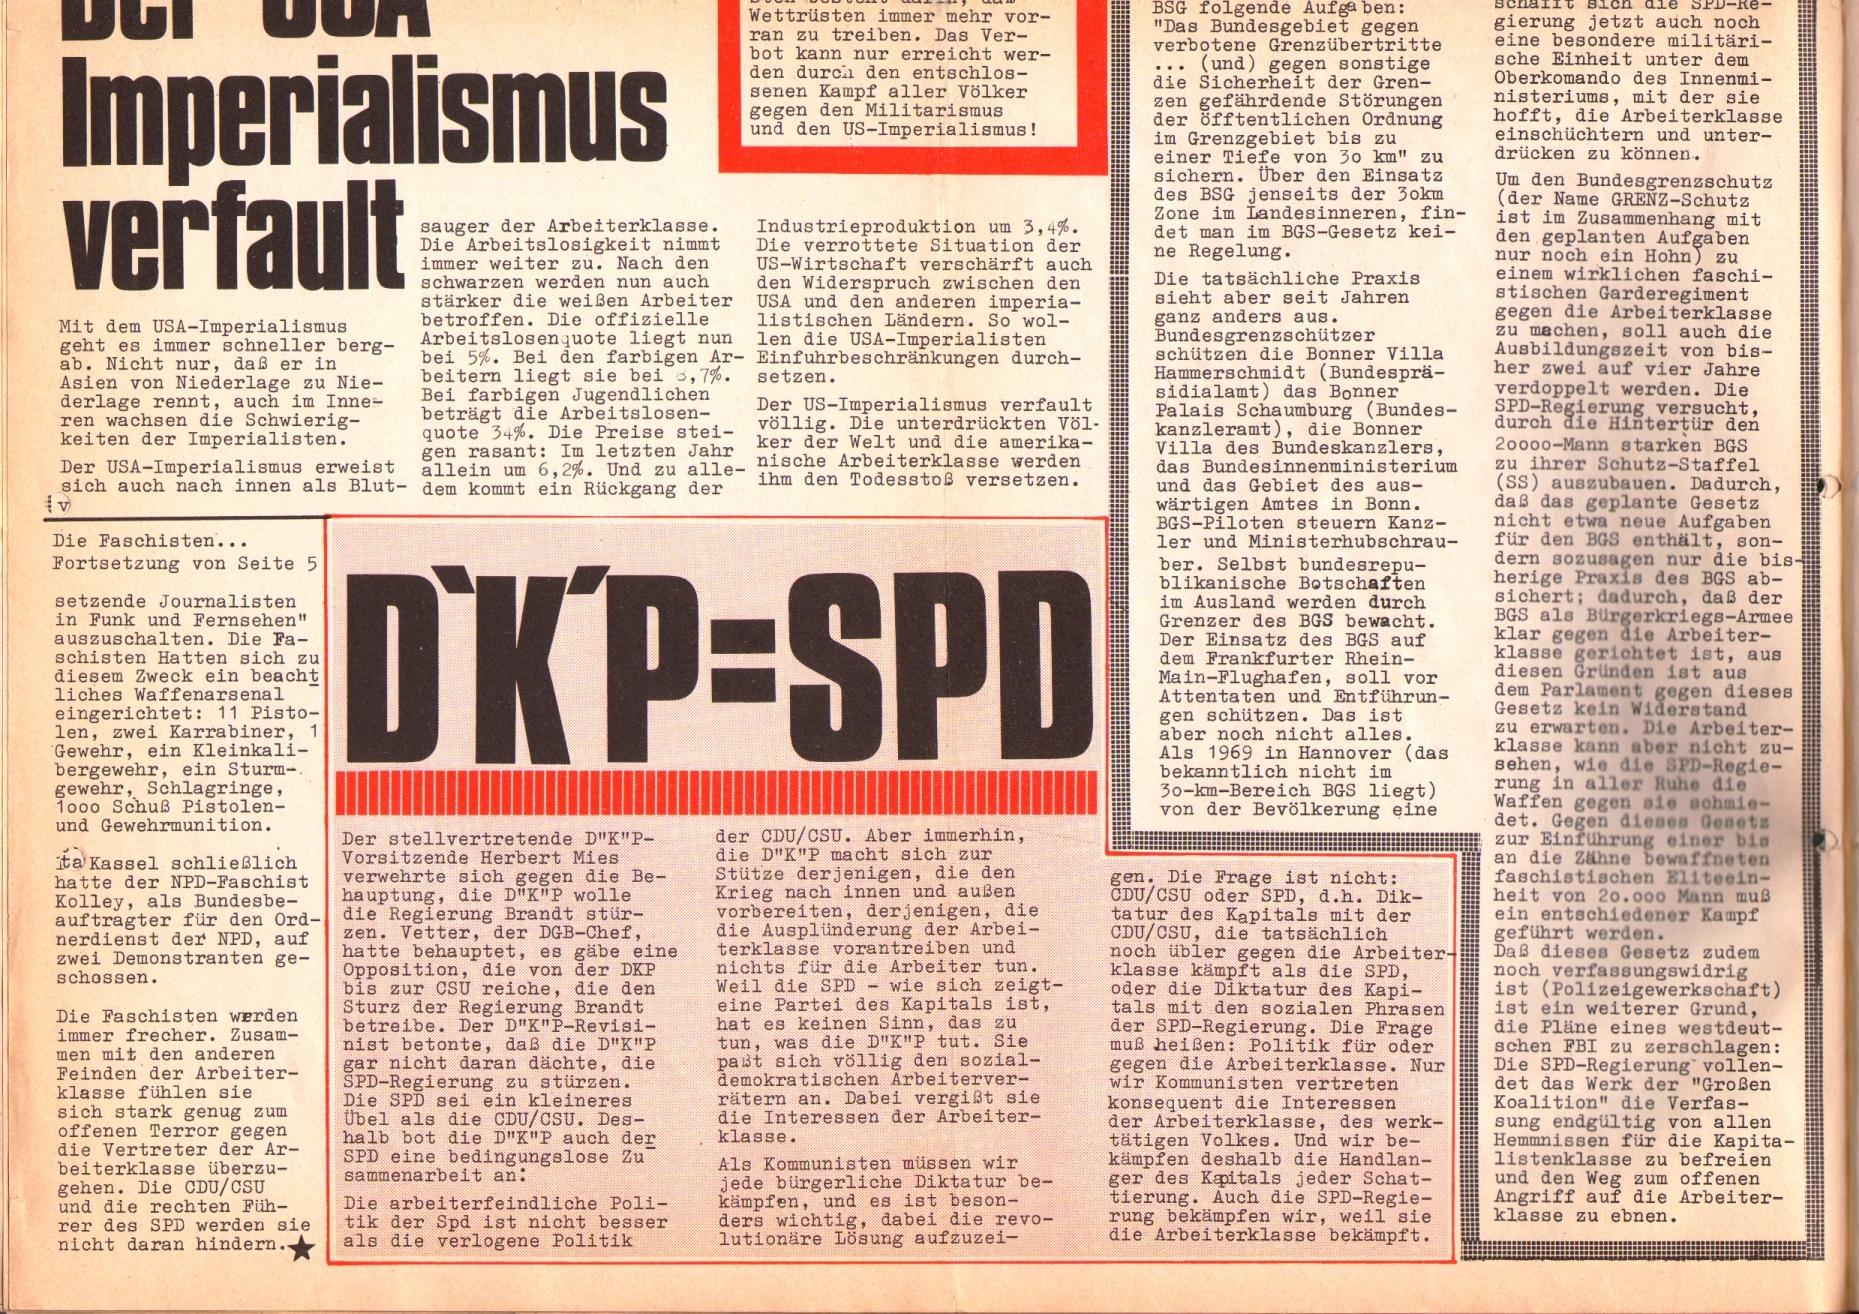 Rote Fahne, 1. Jg., 26. August 1970, Seite 2 unten